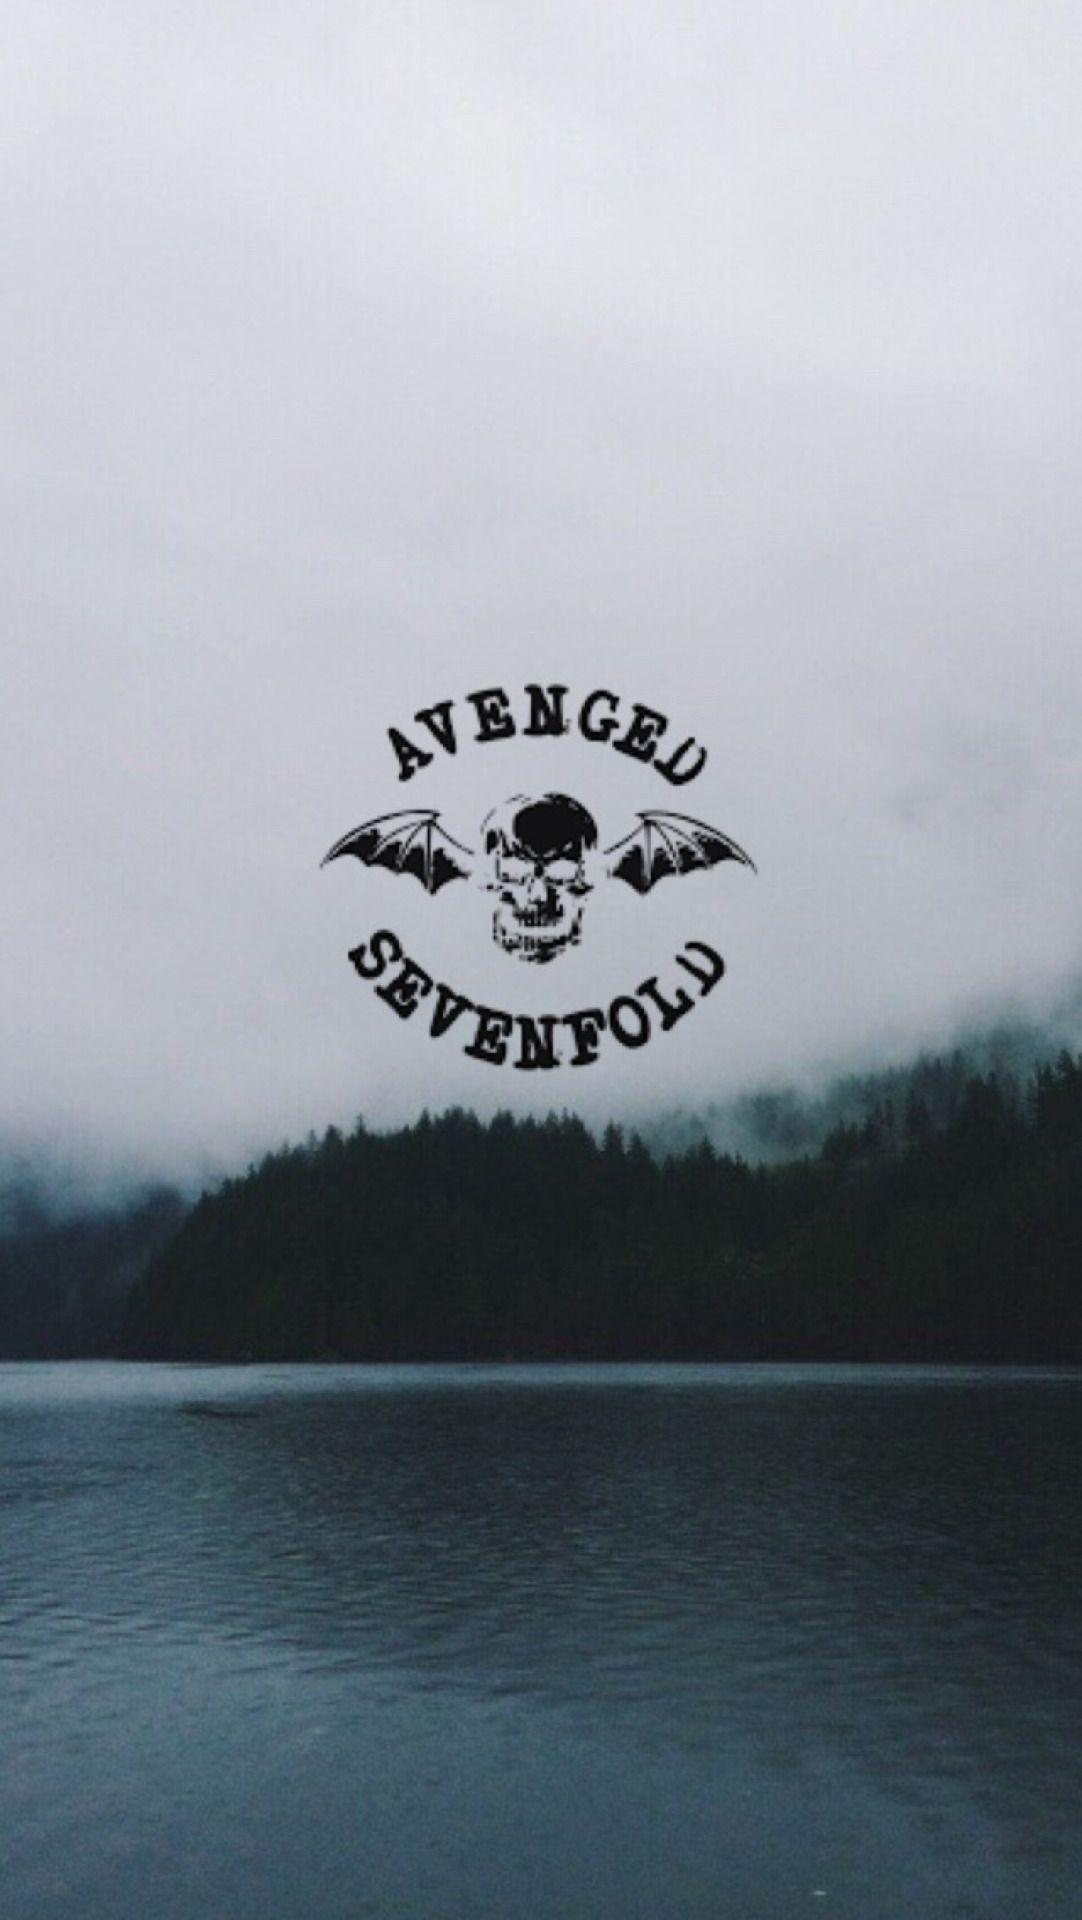 Av av avenged sevenfold tattoo designs - Pretty Epic Deathbat Wallpaper Picture Found On Tumblr Hqlockscreens Tumblr Wallpaperwallpaper Picturesavenged Sevenfoldon